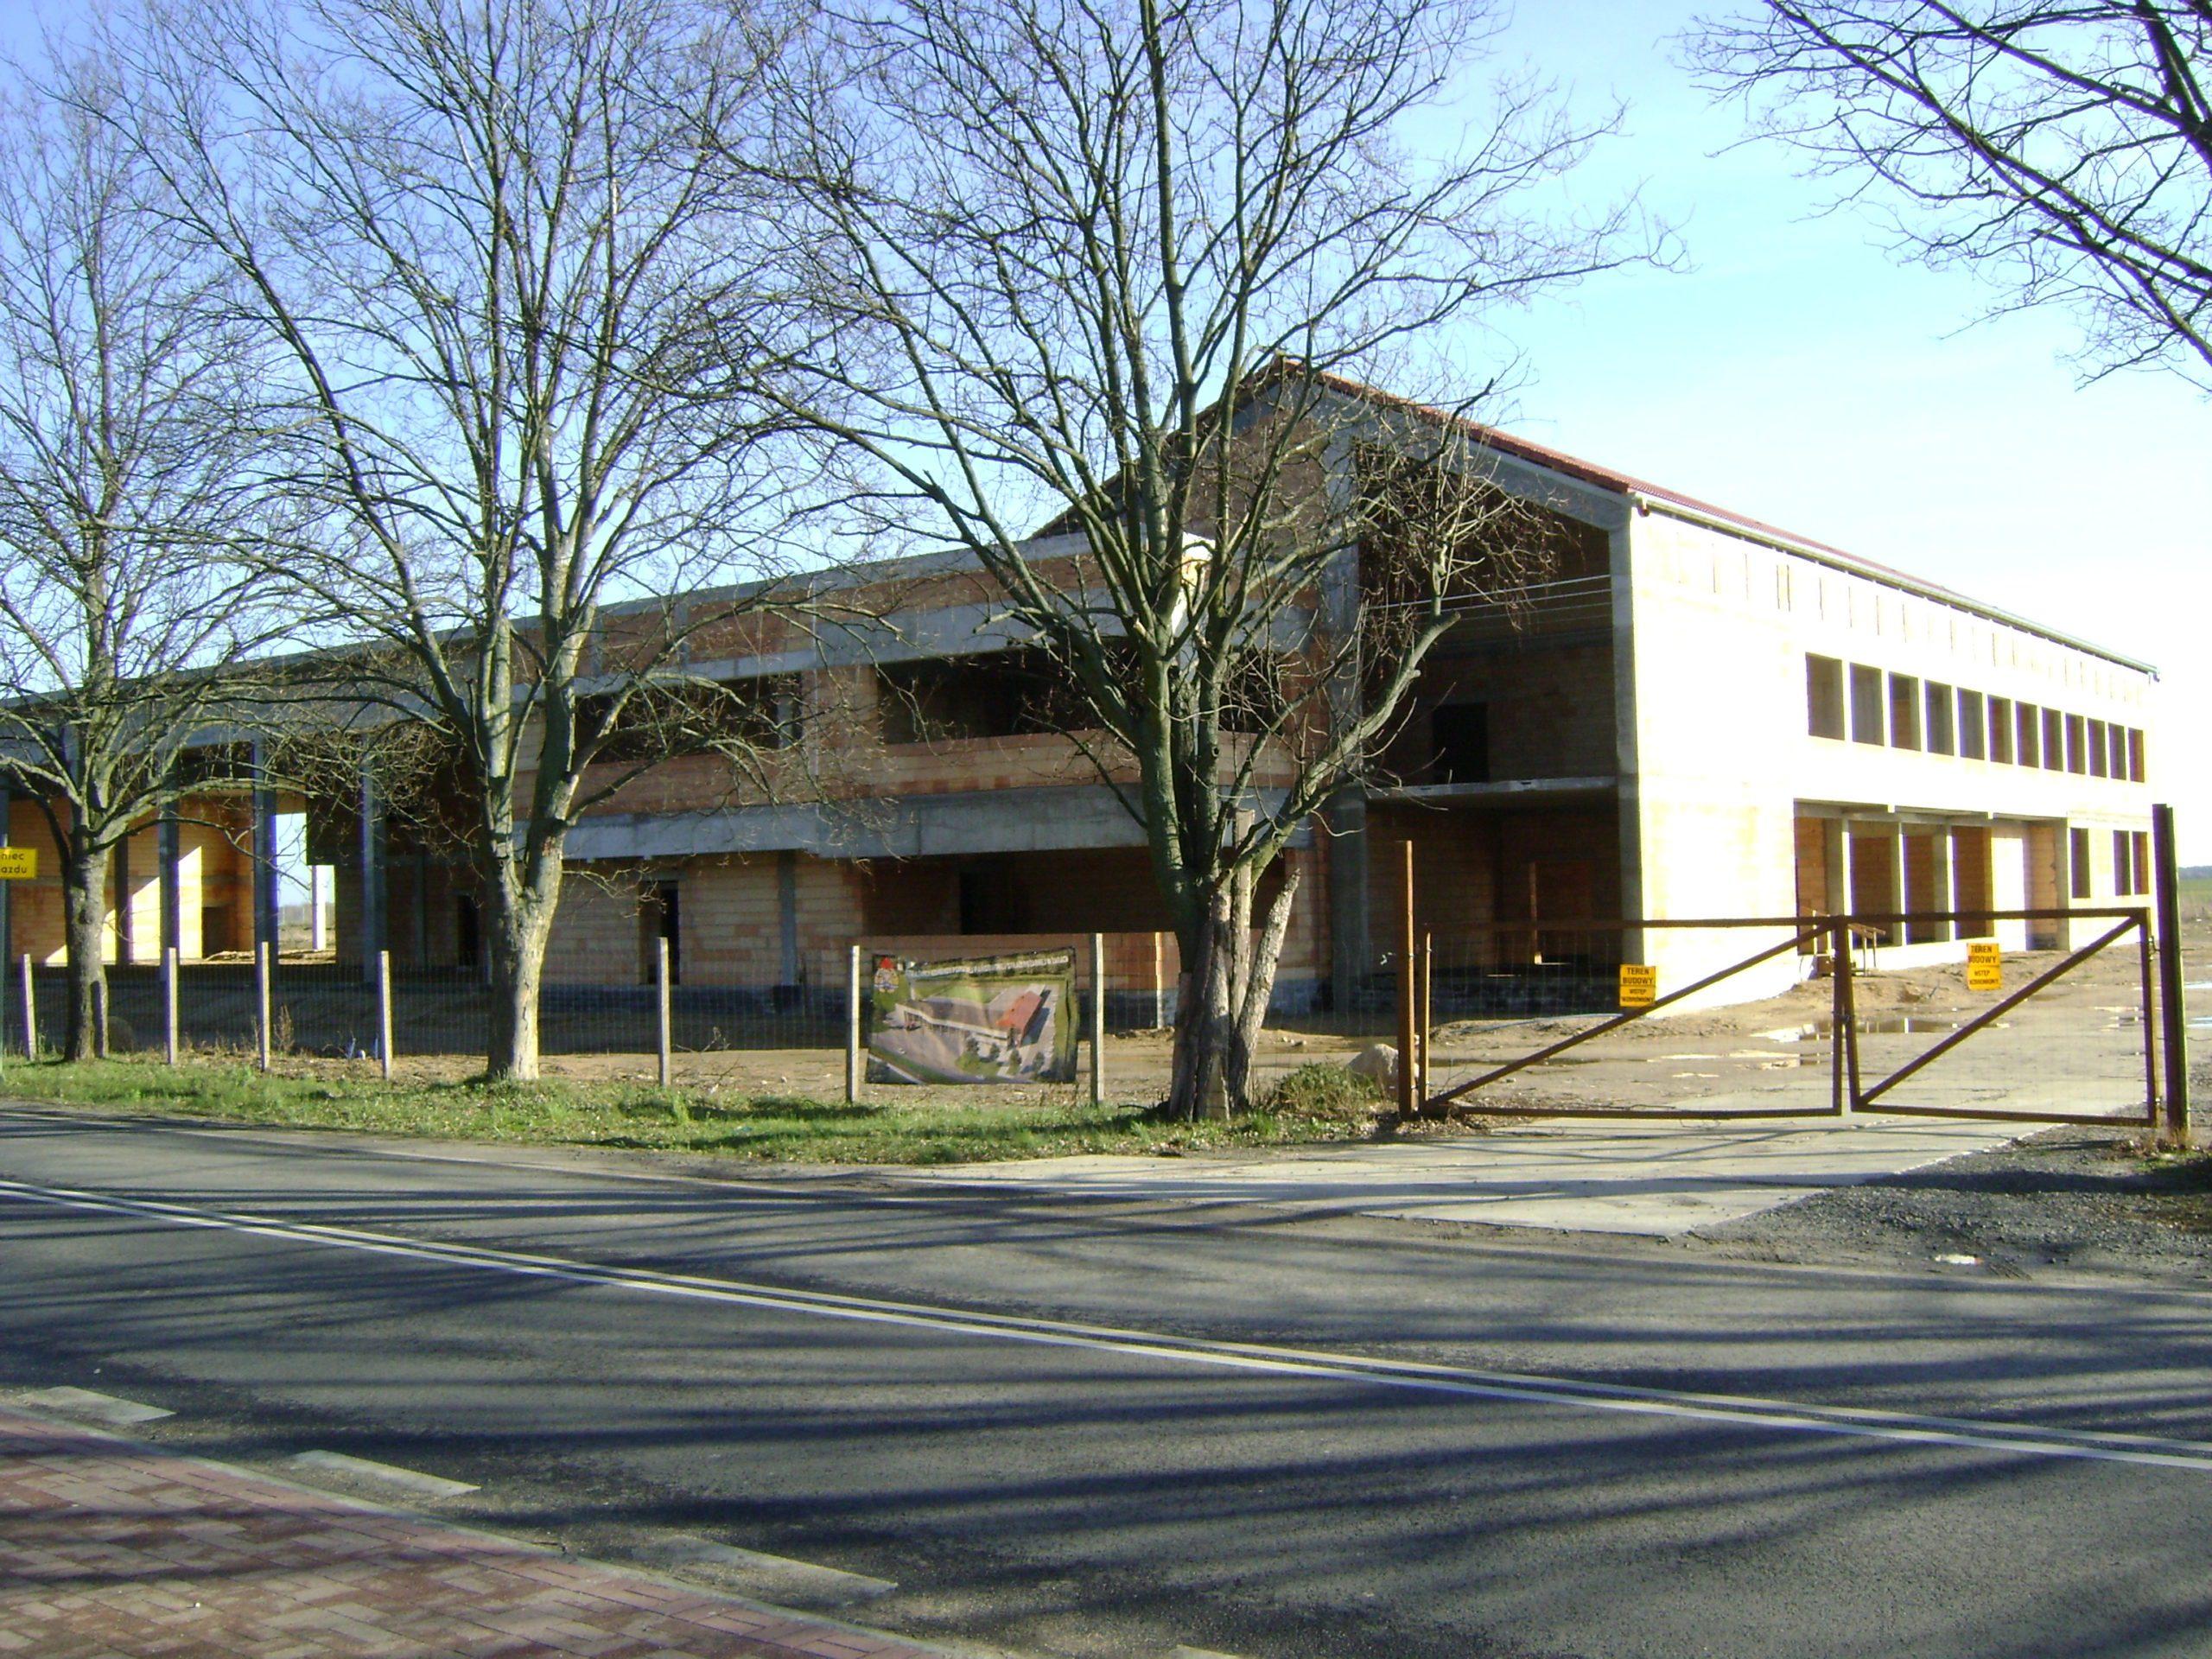 The Fire Brigade building